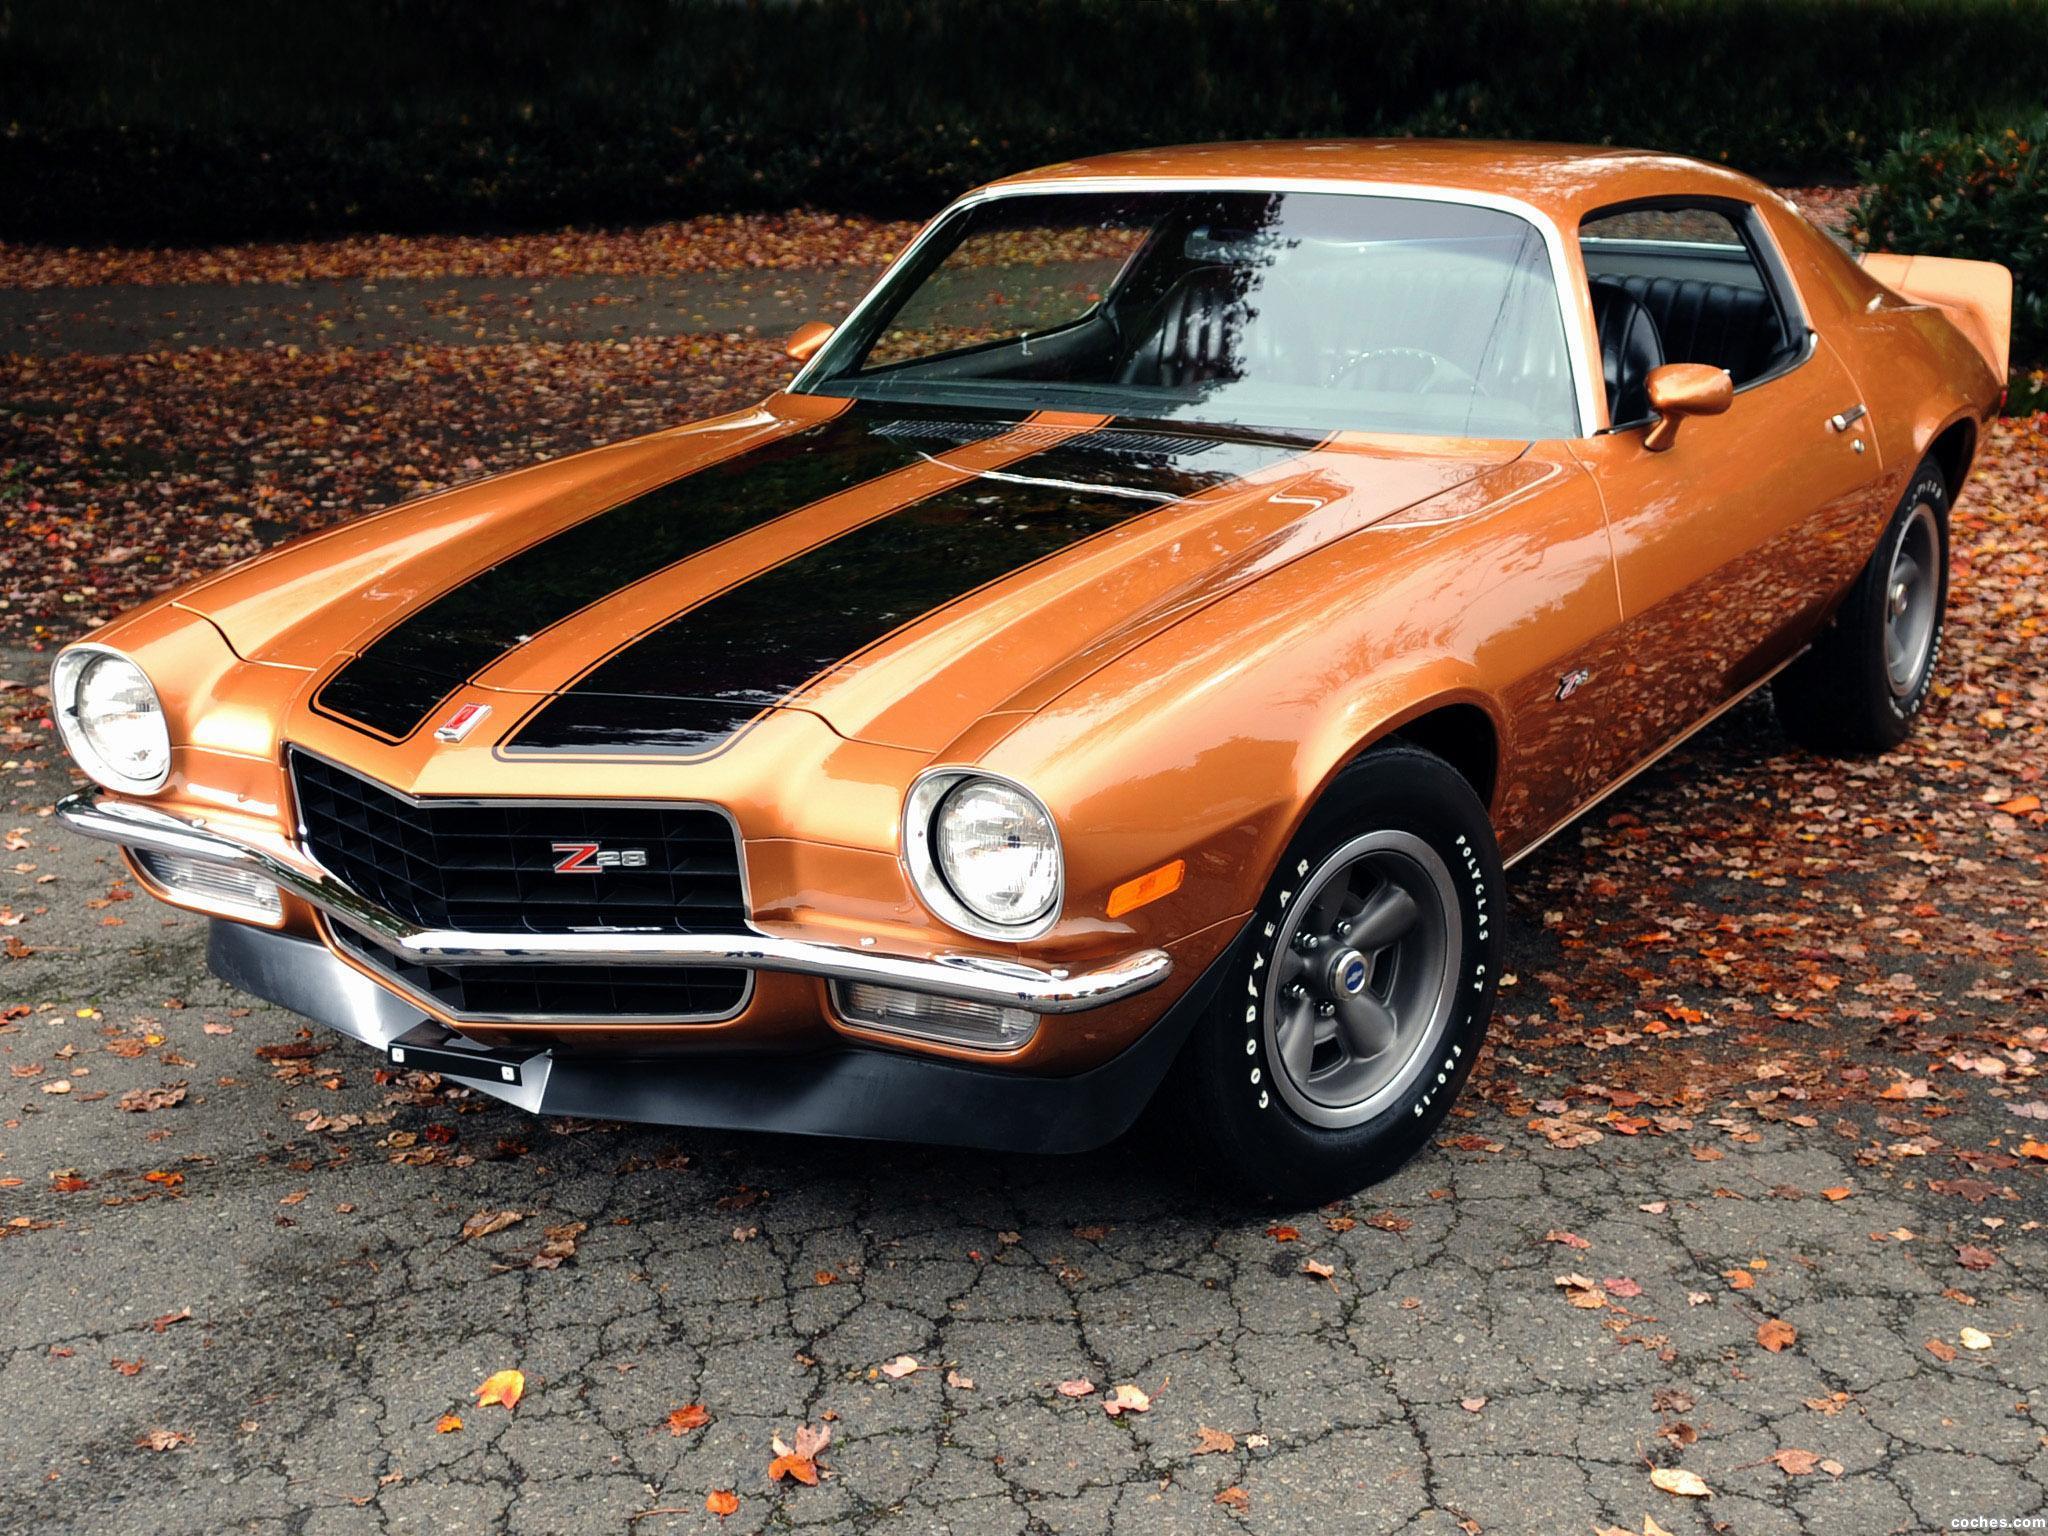 Foto 0 de Chevrolet Camaro Z28 2487 1971